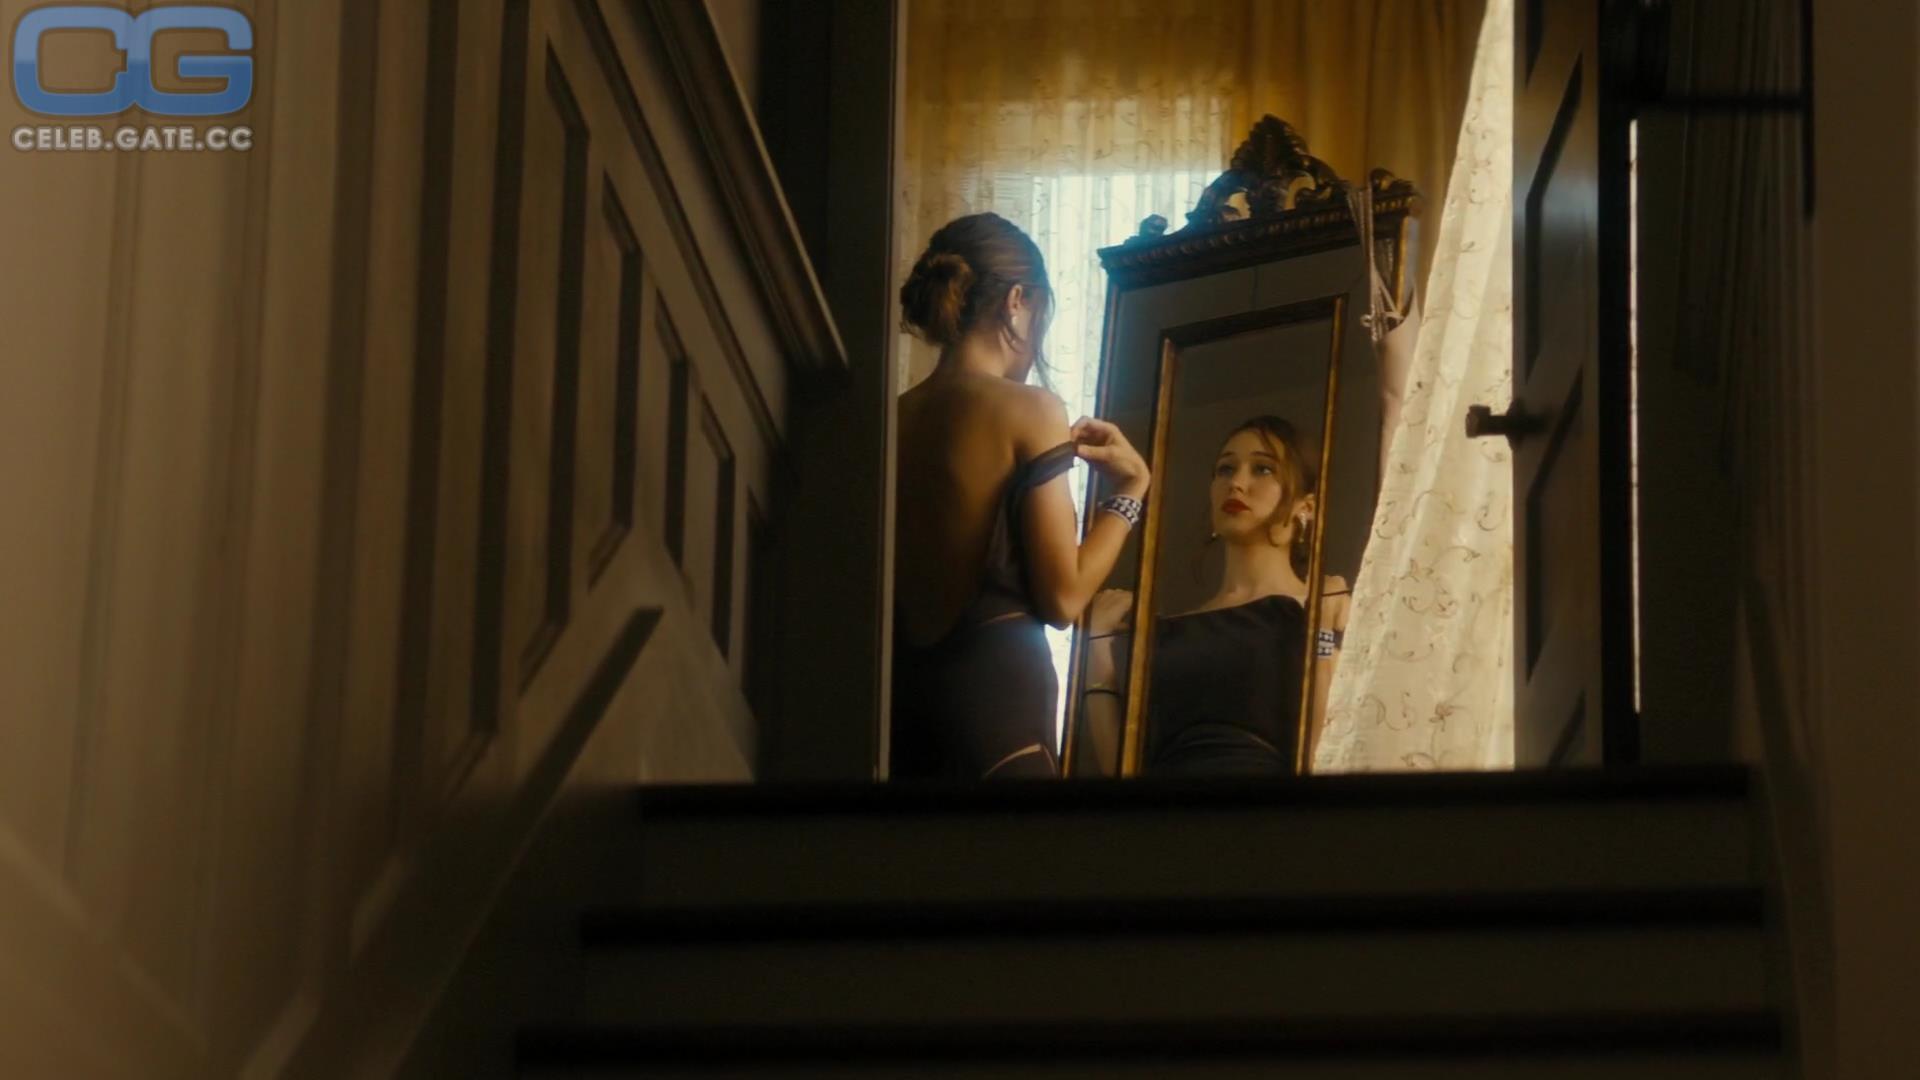 Carey alycia nude debnam Alycia Debnam